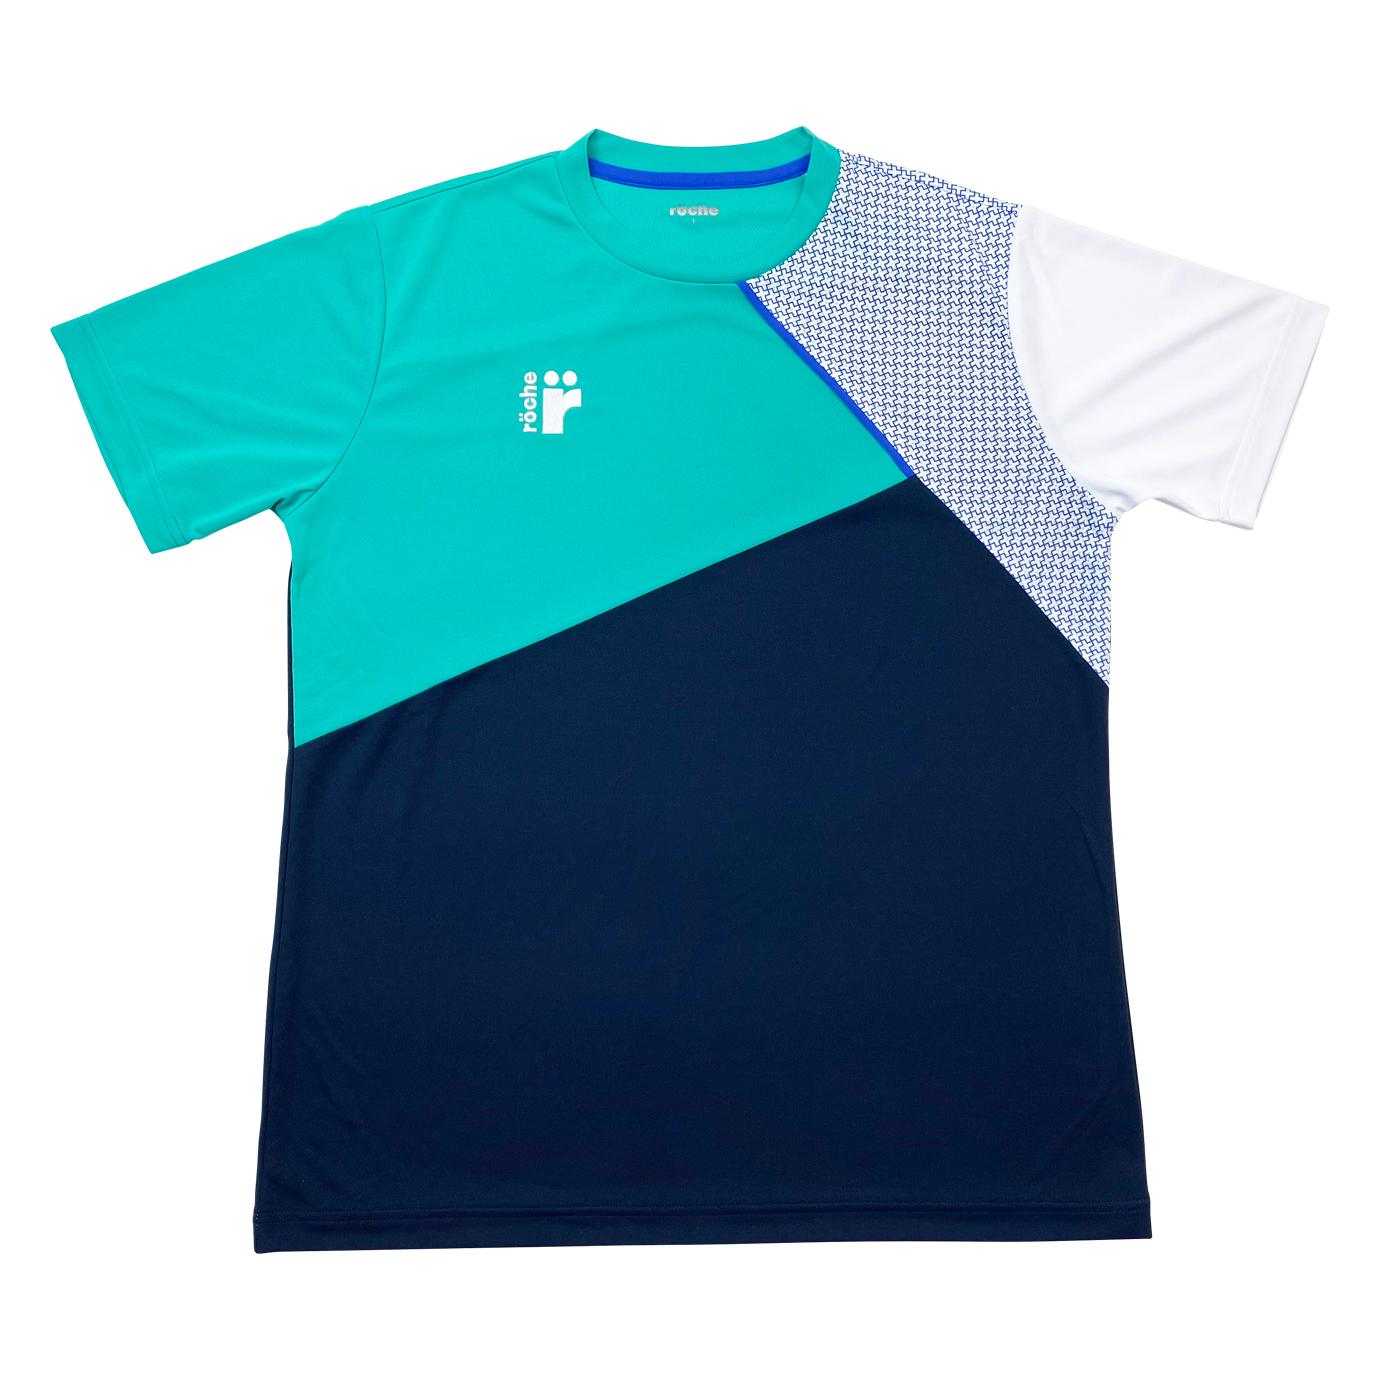 RB011メンズゲームシャツ